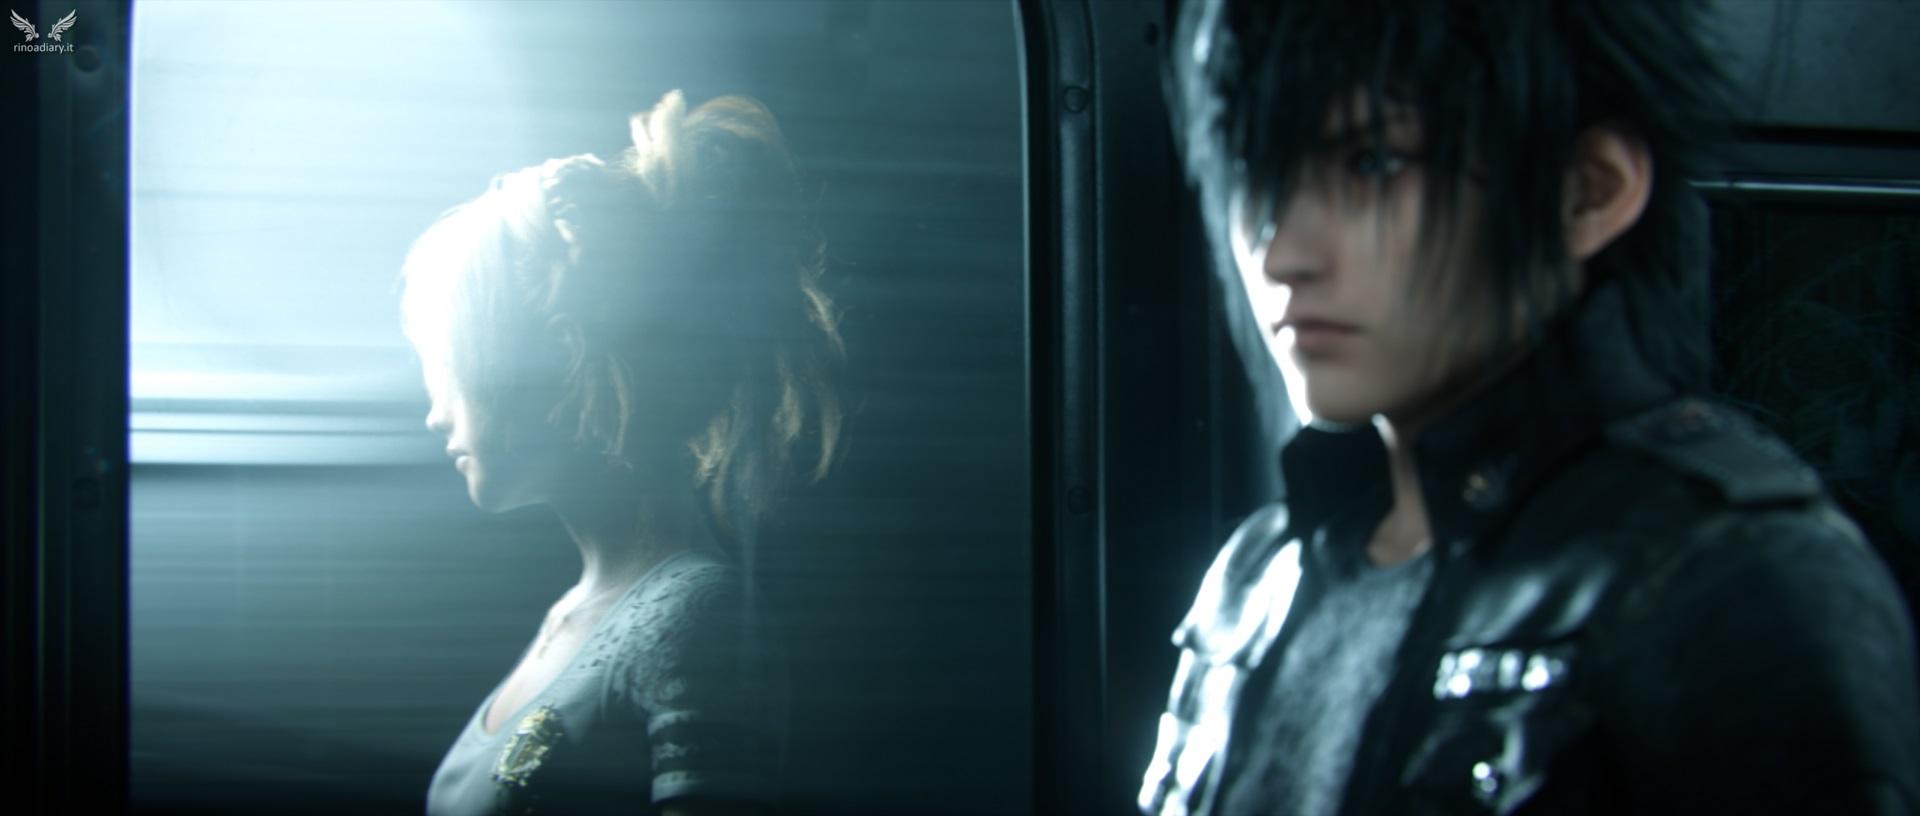 Screenshot in alta definizione da Omen, ultimo trailer di Final Fantasy XV